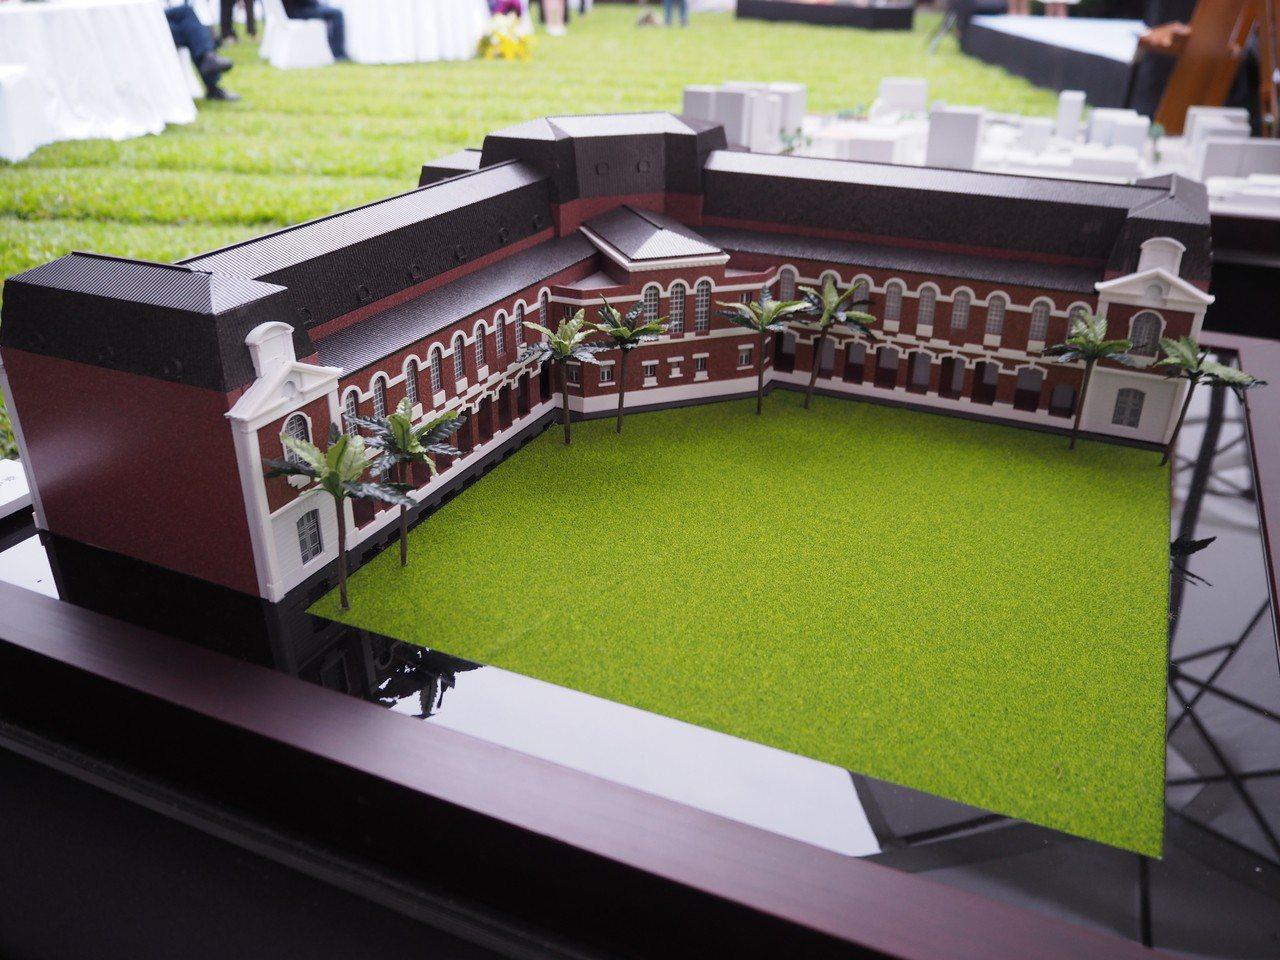 文化部補助5.8億元、台中市出資4.7億元,將修復台中州廳、舊台中市議會變成「國...